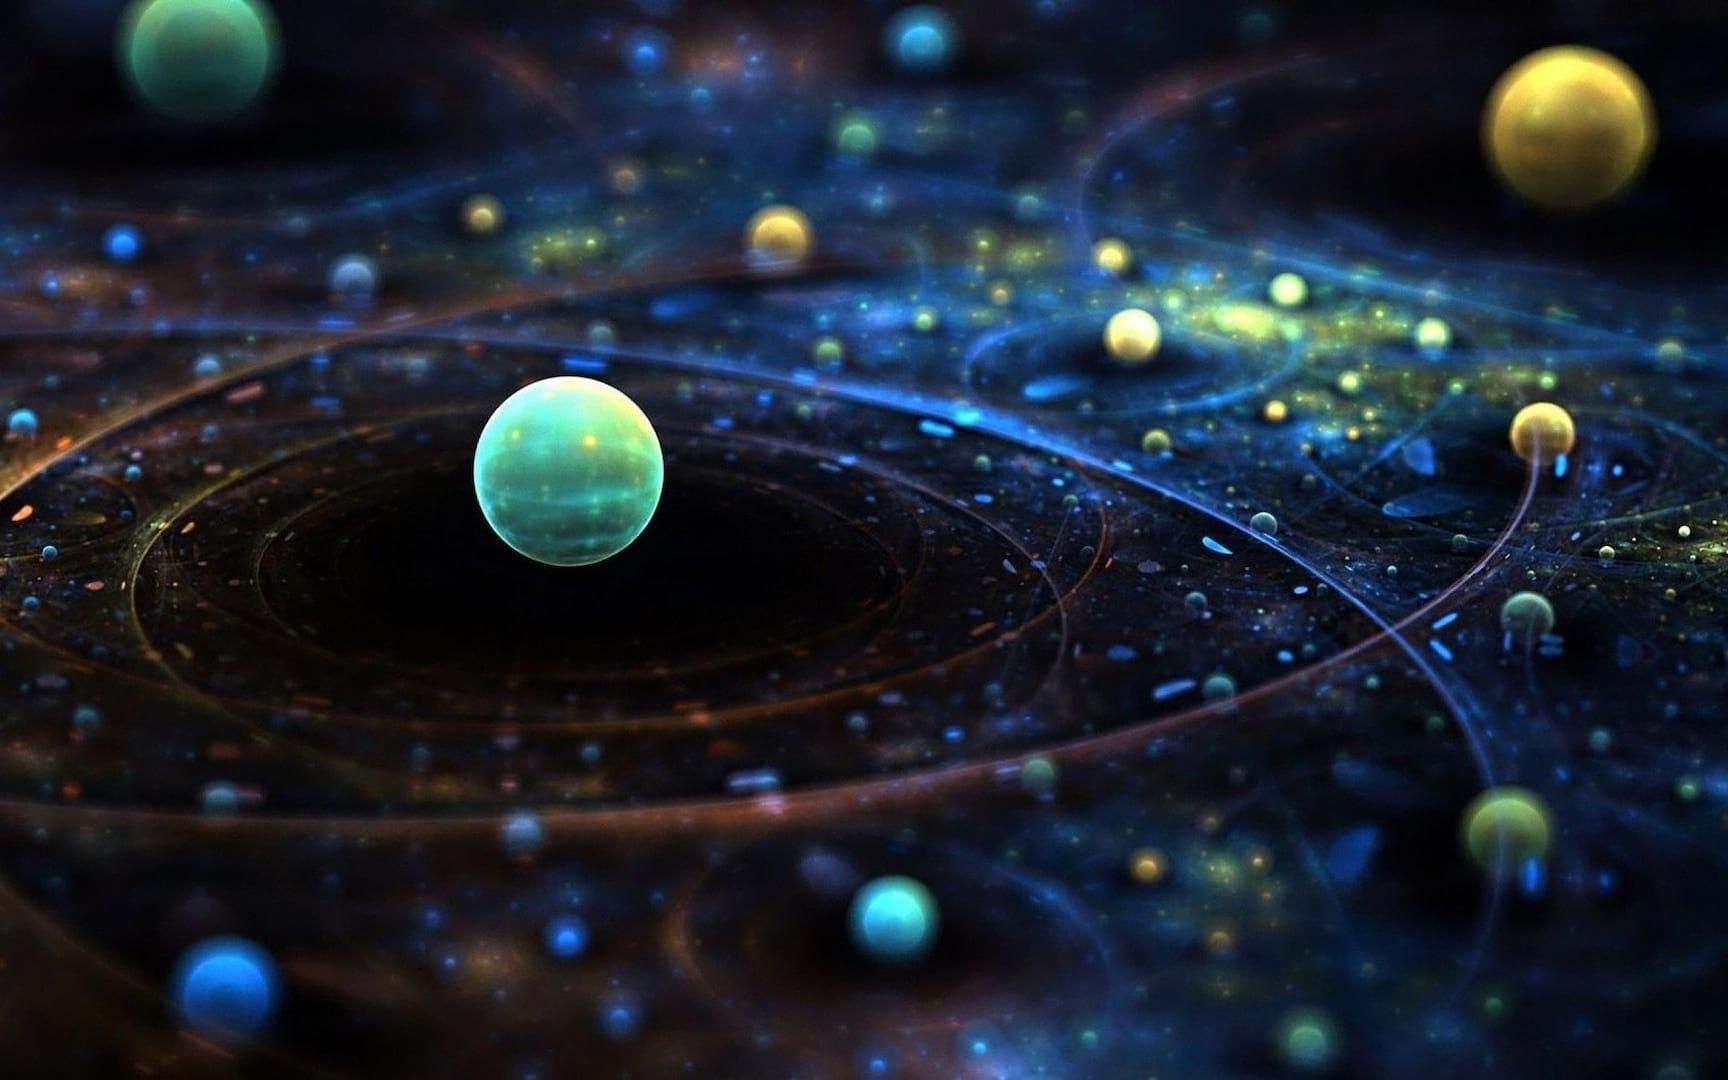 Открытки Международный день планетариев. Поздравляем!